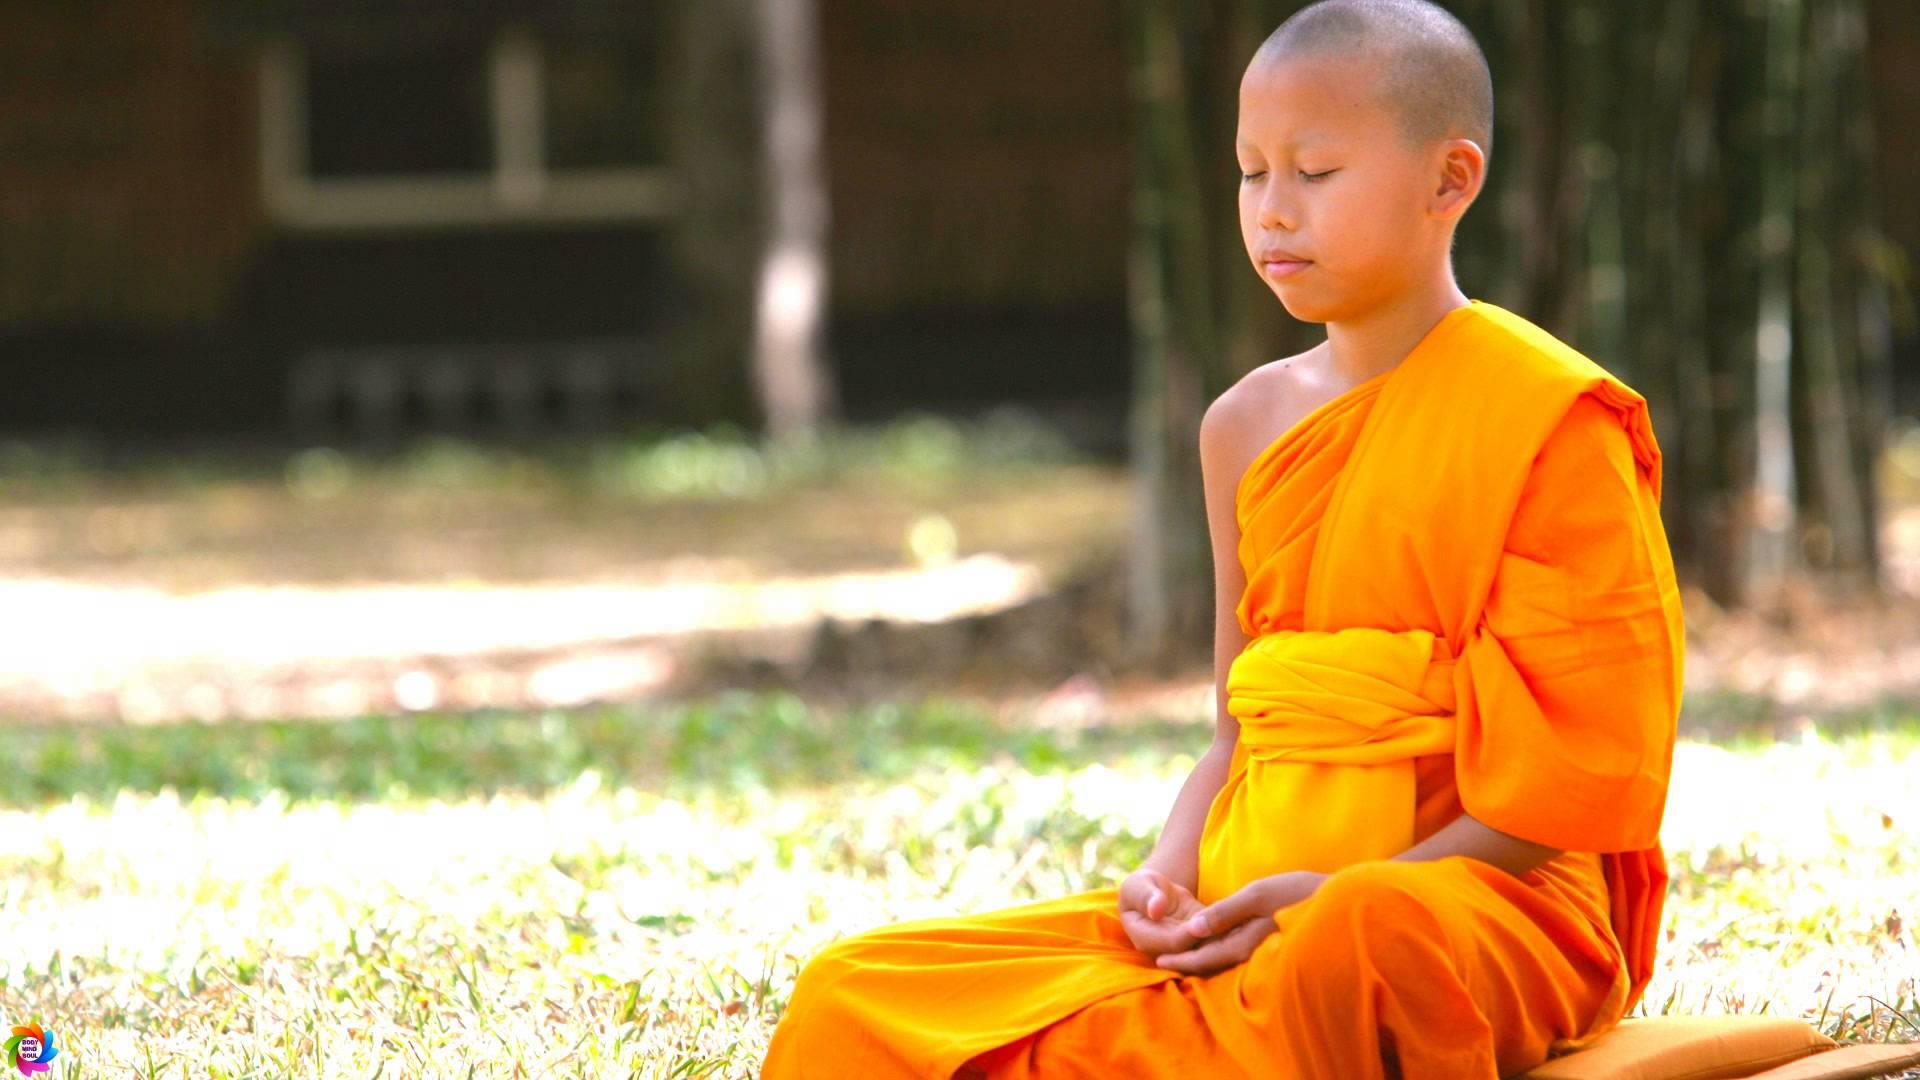 Revista Ciência Meditativa - A Meditação que salvou as crianças na caverna